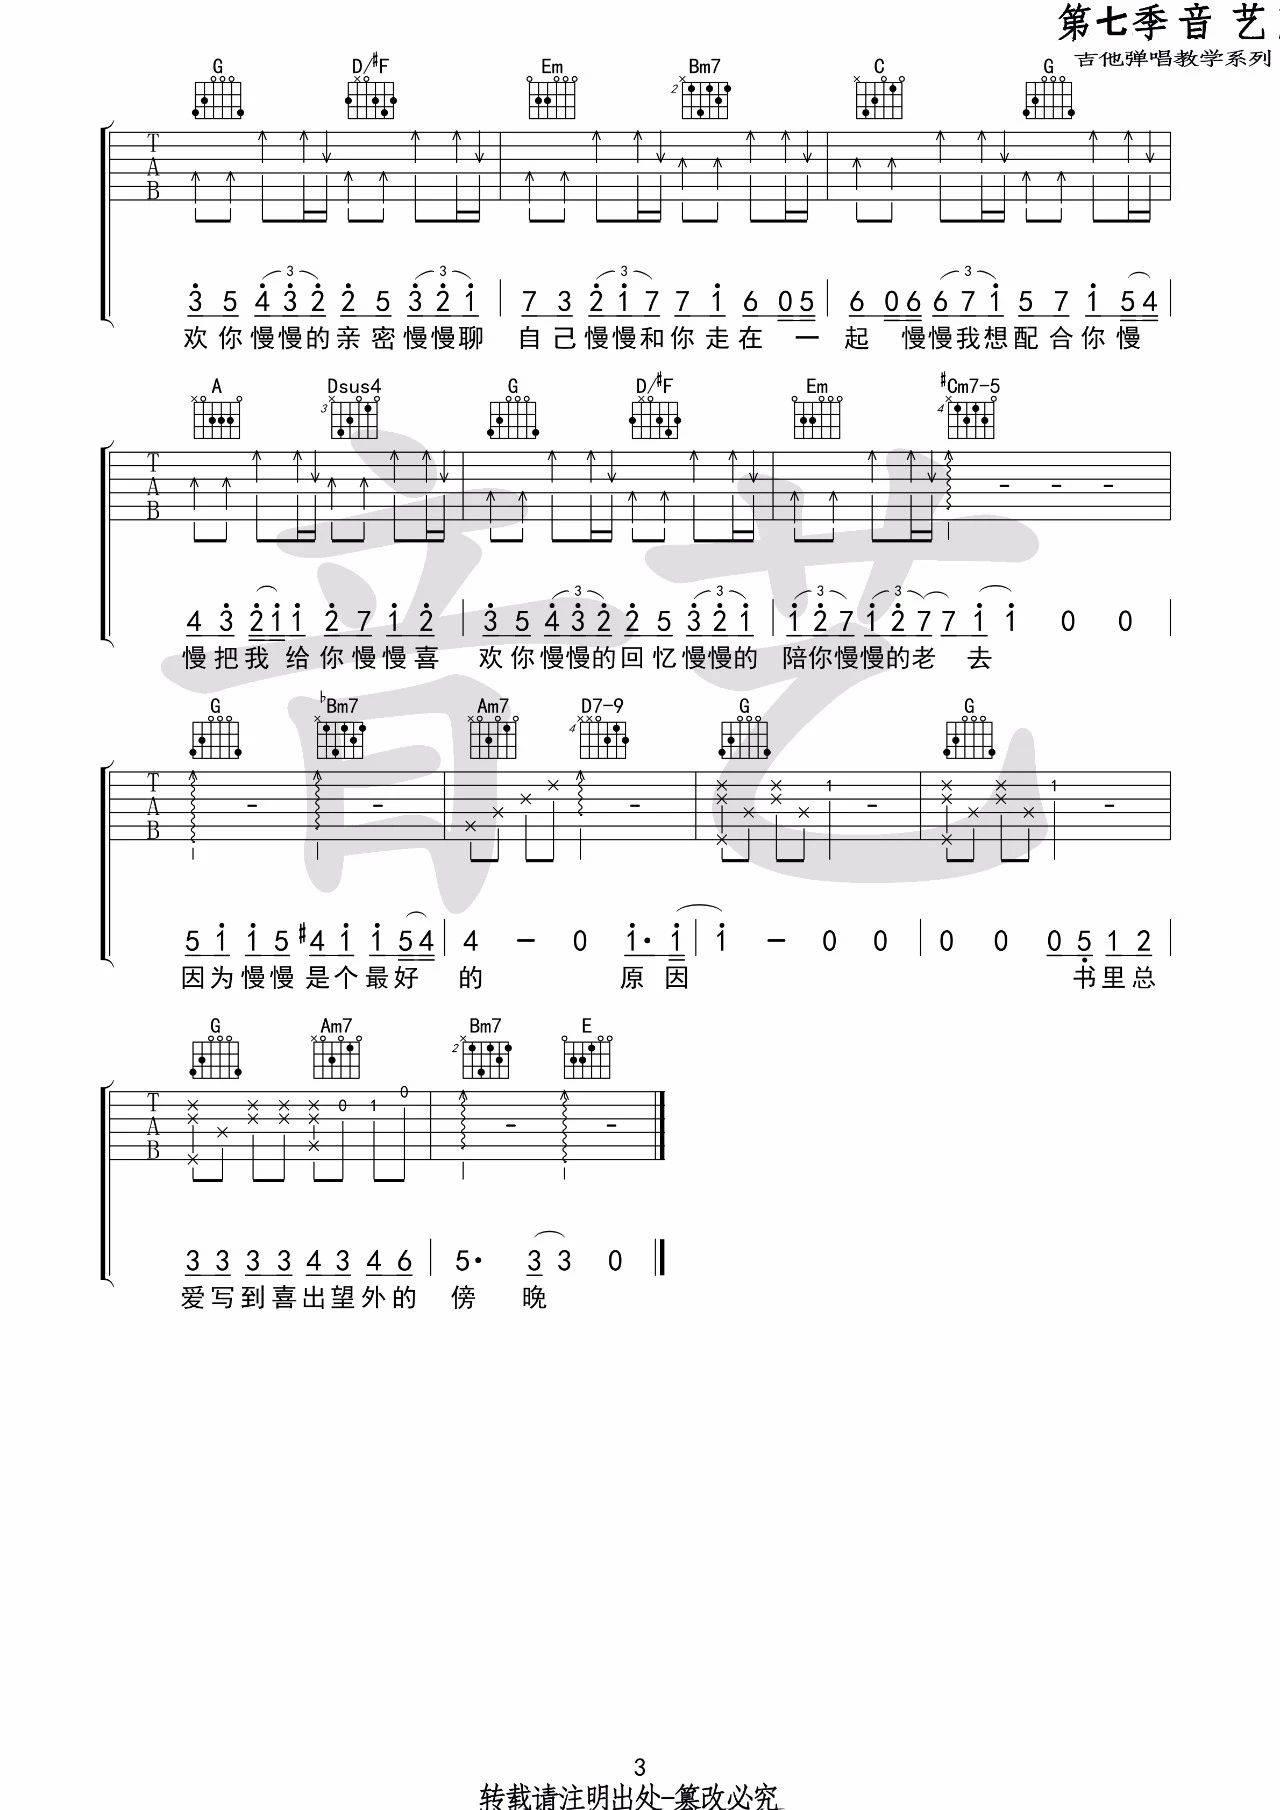 吉他派《慢慢喜欢你》吉他谱-3